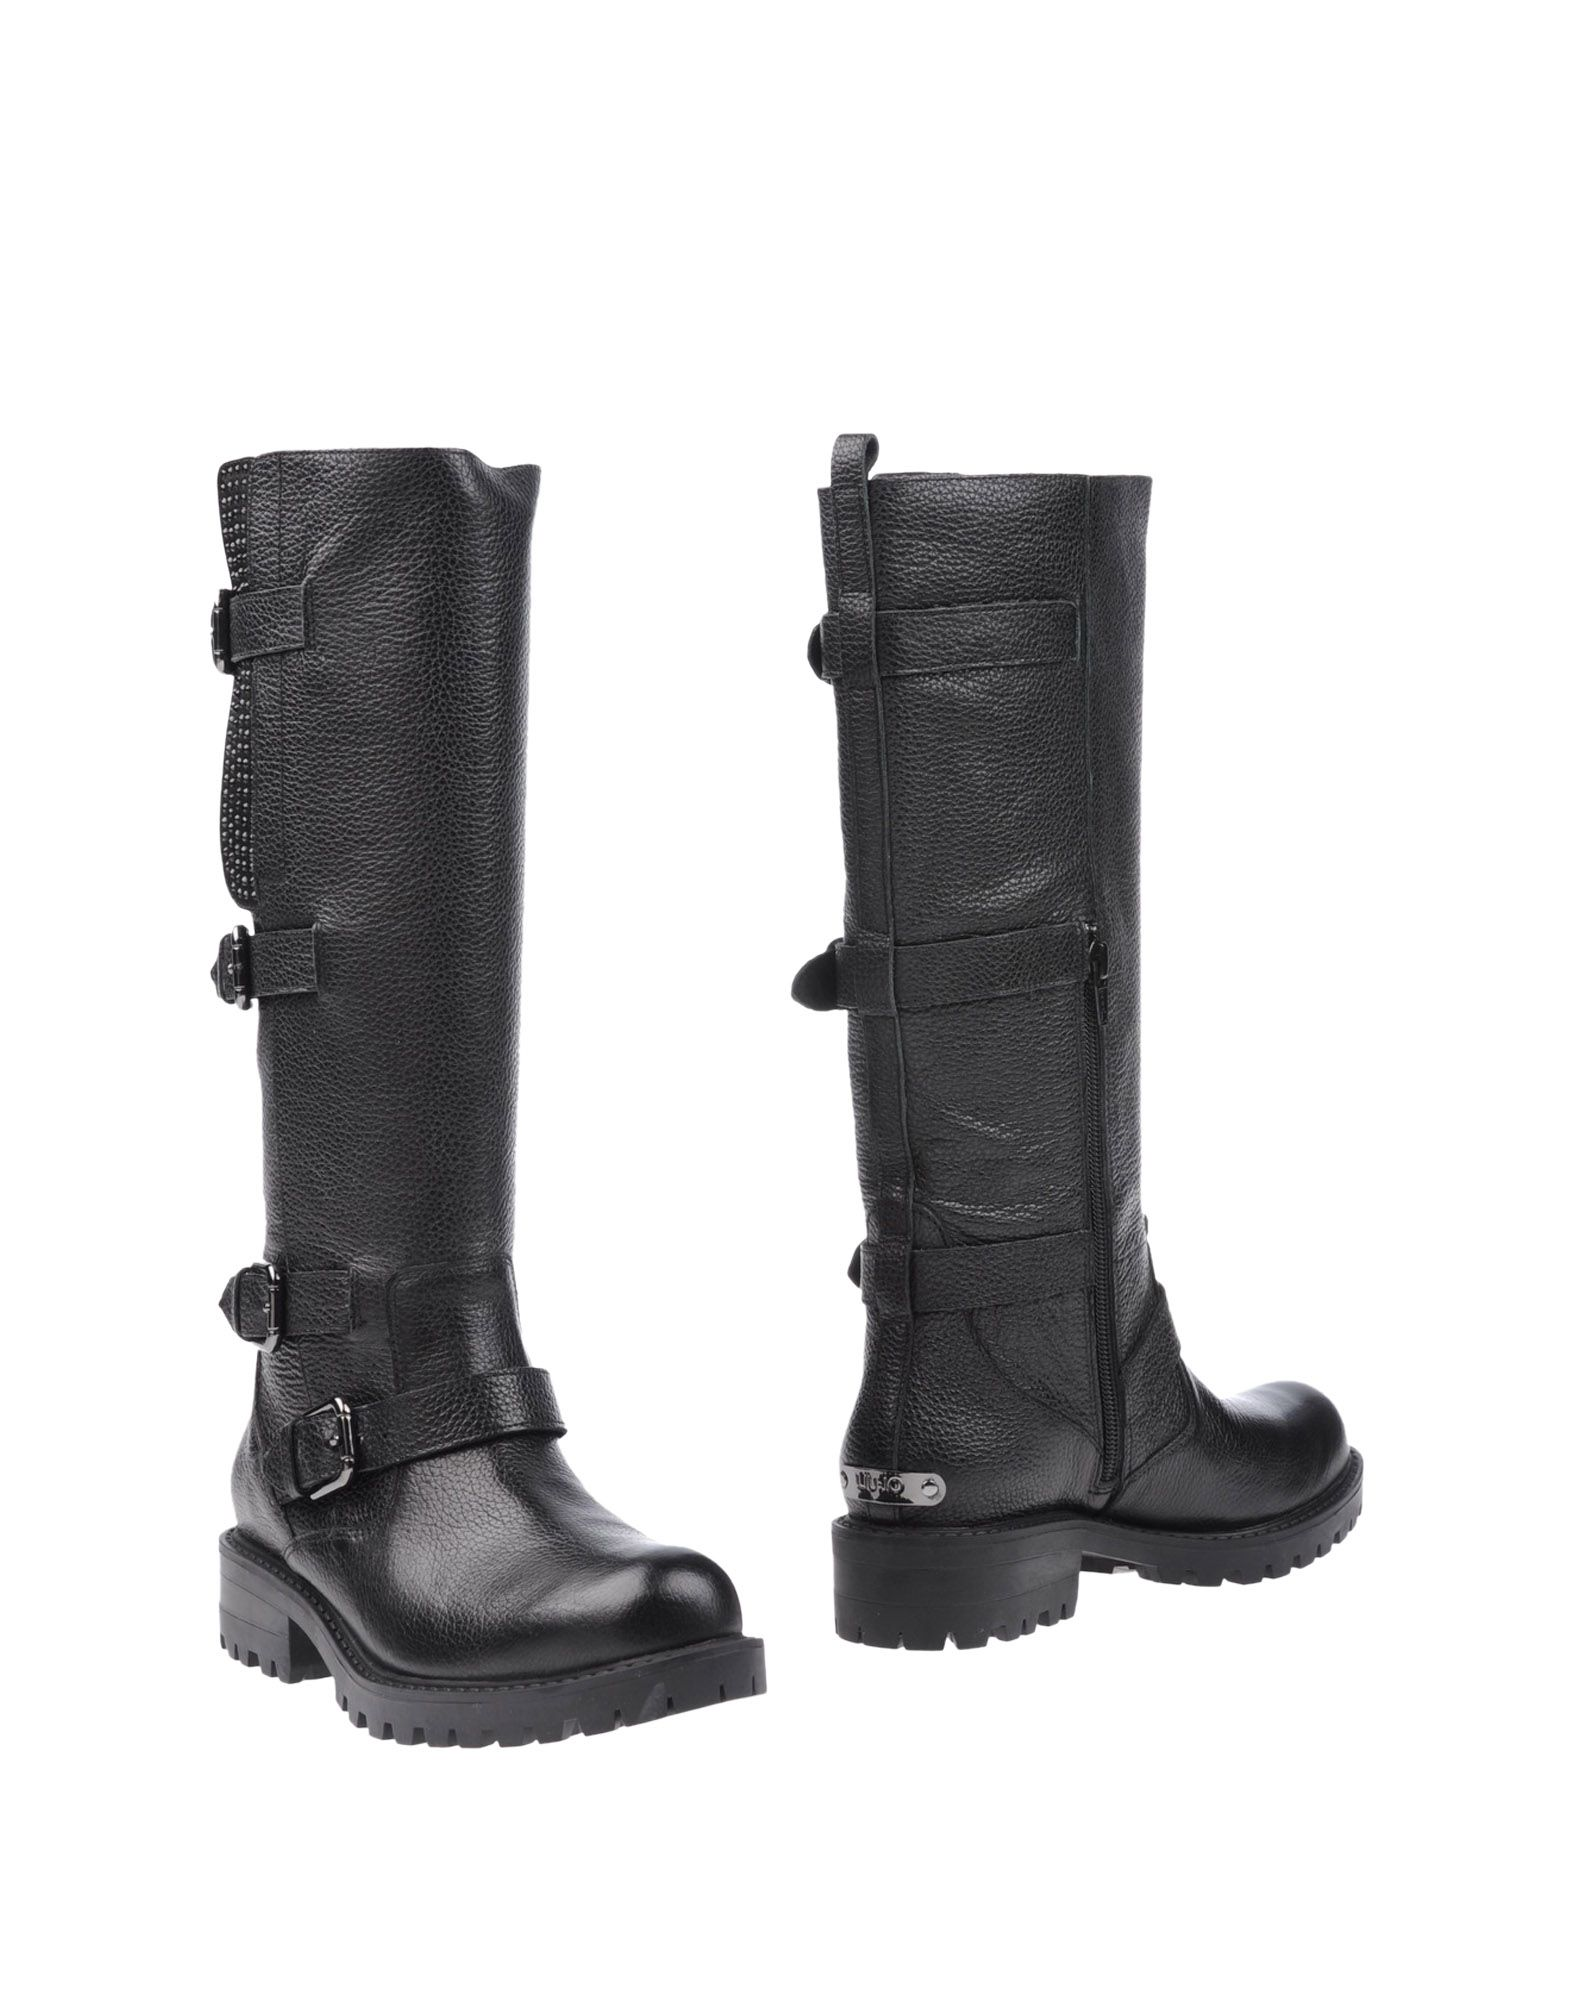 Liu •Jo Shoes Stiefel Damen Schuhe  11240571BJGut aussehende strapazierfähige Schuhe Damen b97ec8